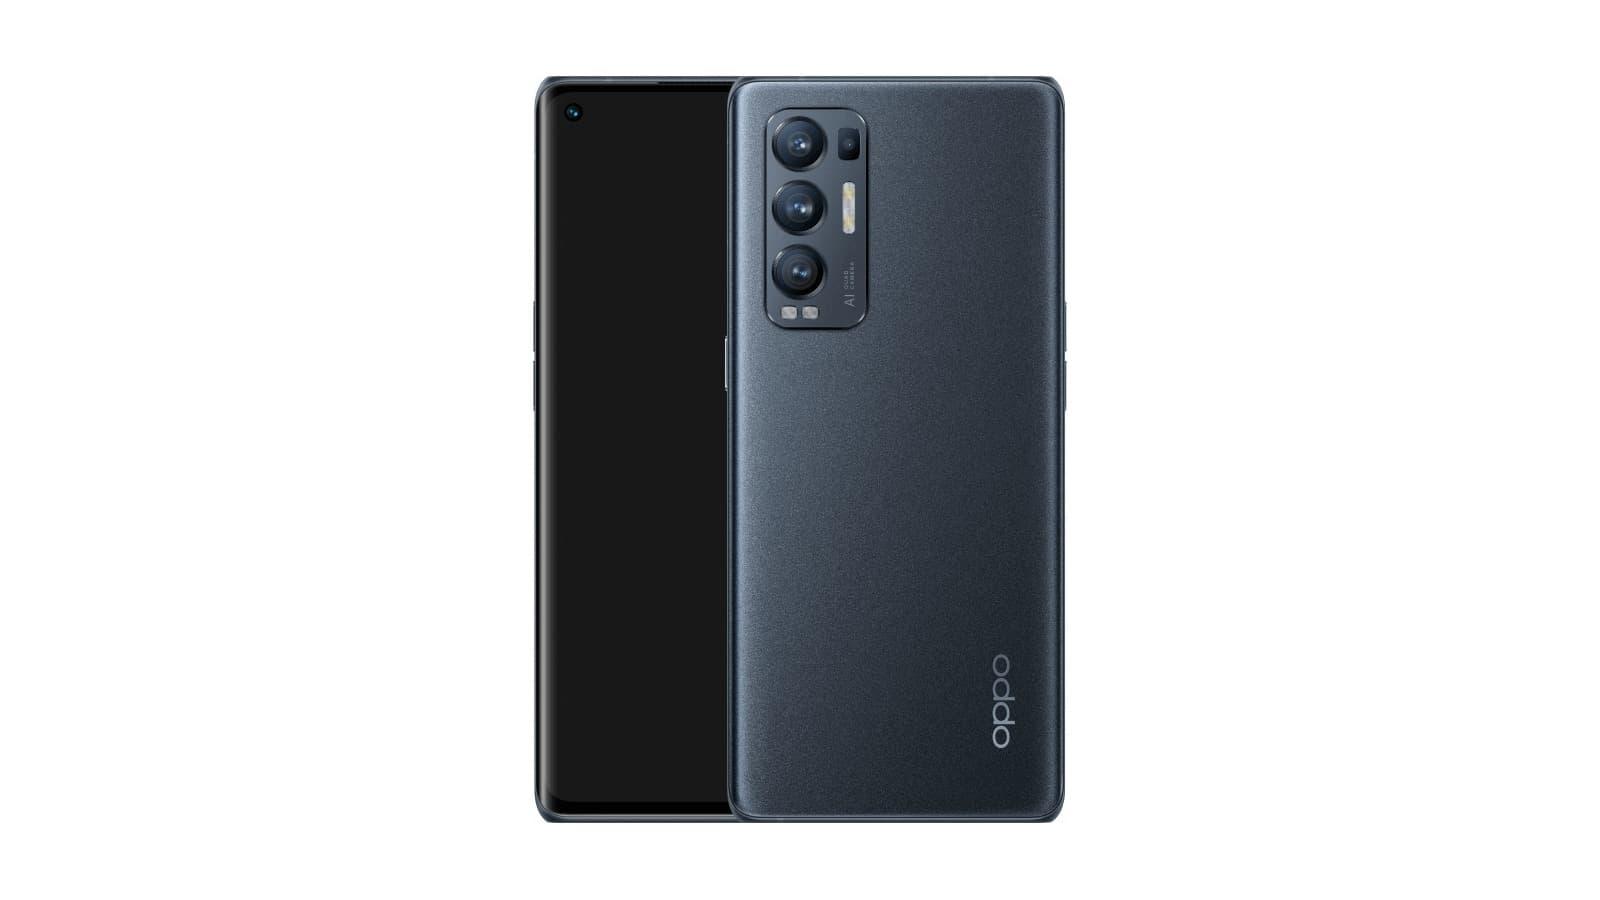 Le smartphone OPPO Find X3 Neo 5G est disponible à partir de 1€ chez SFR